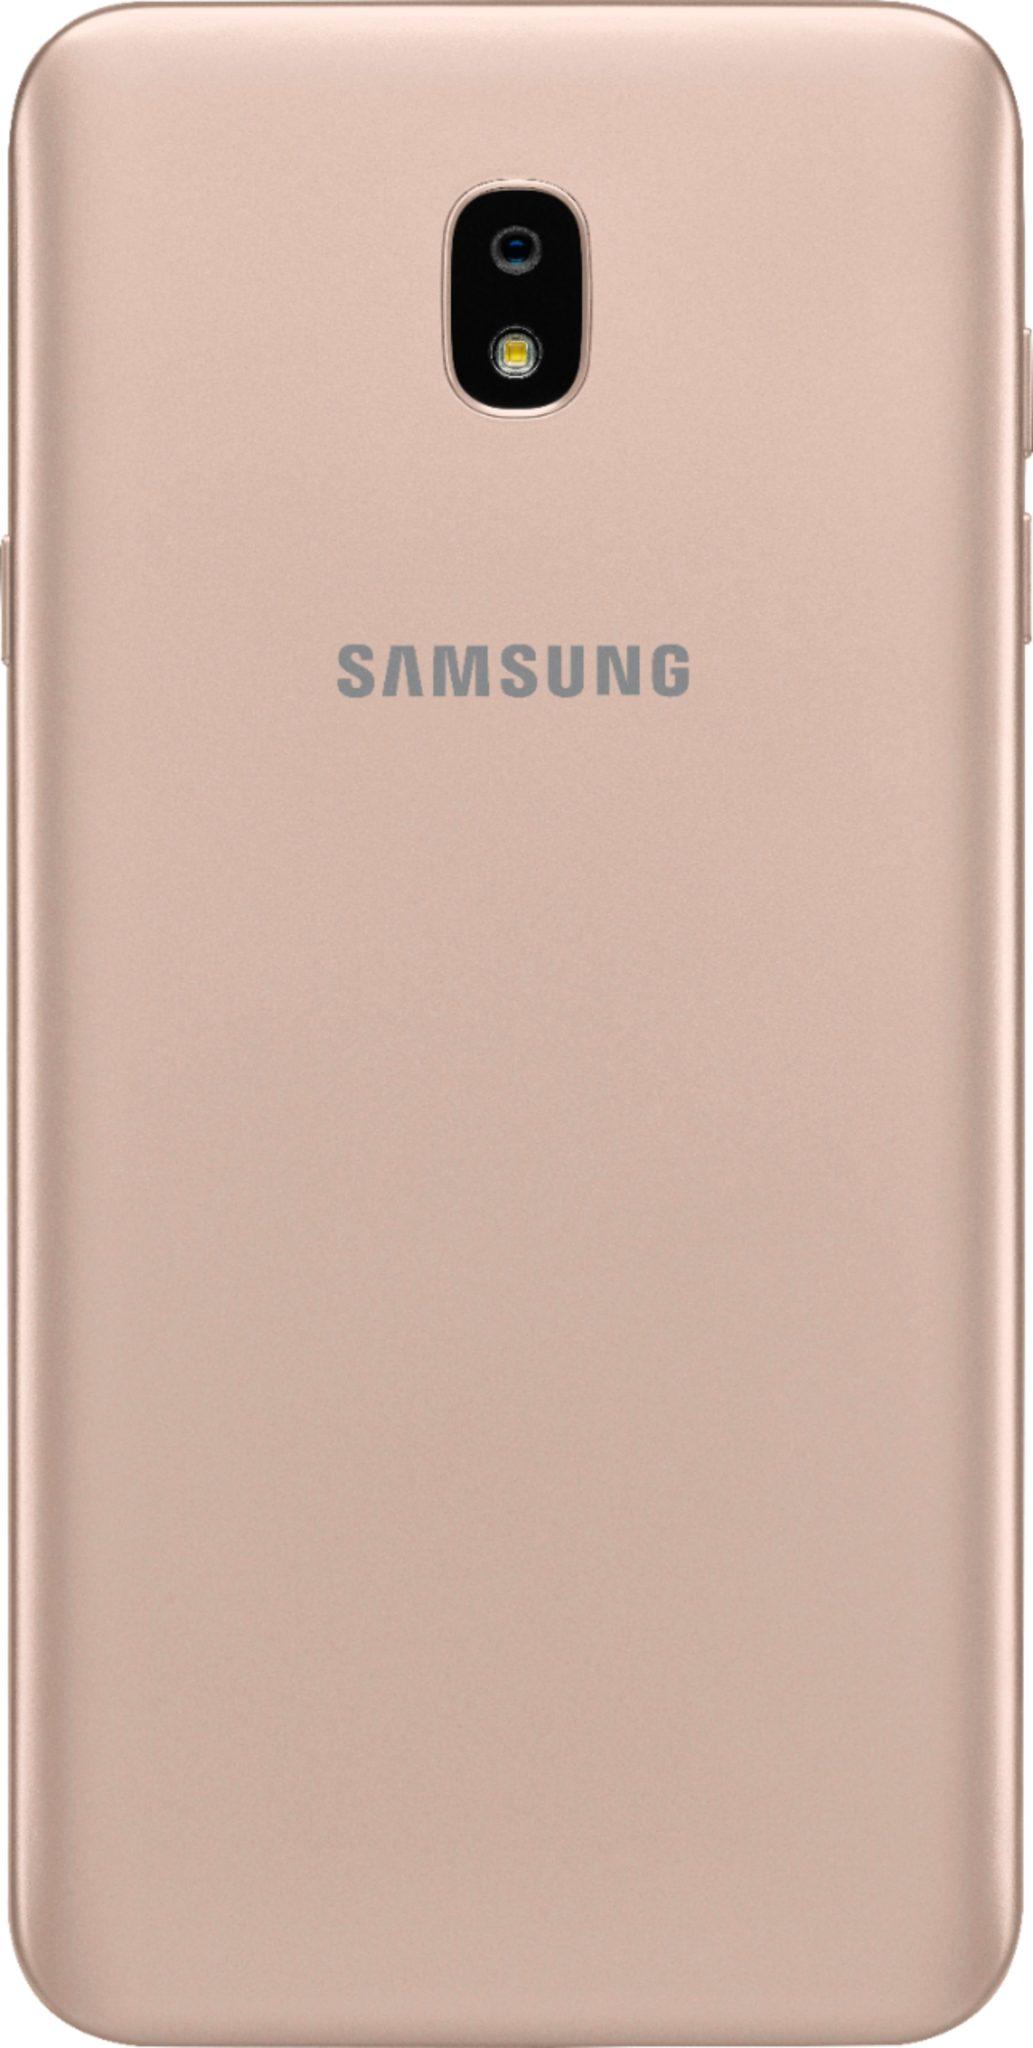 Virgin Mobile Phones, Samsung J7 Refine, Gold, Back